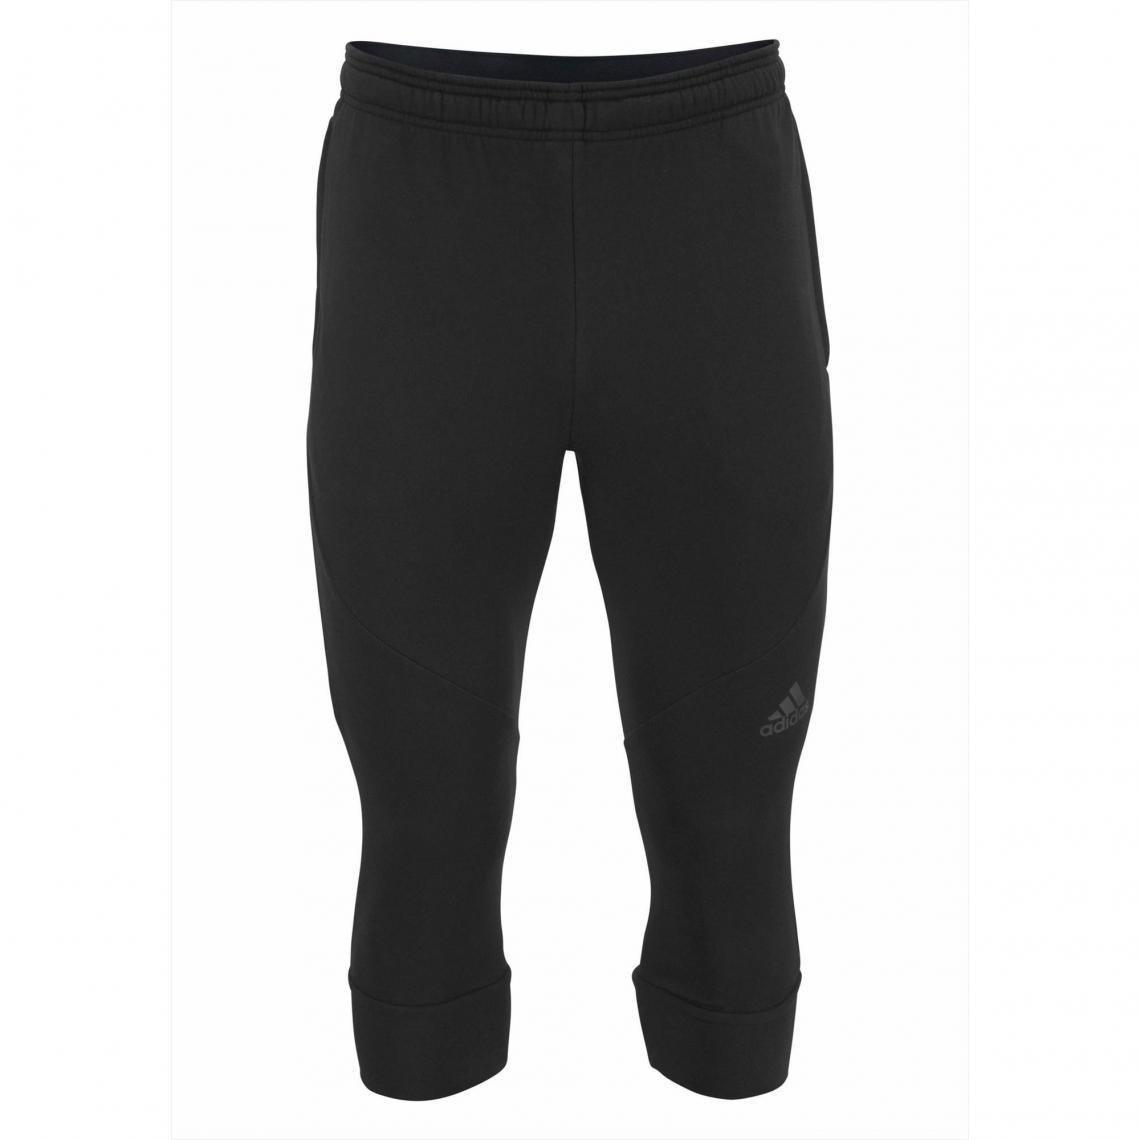 Pantalon de sport 34 homme Climacool® adidas Performance Noir